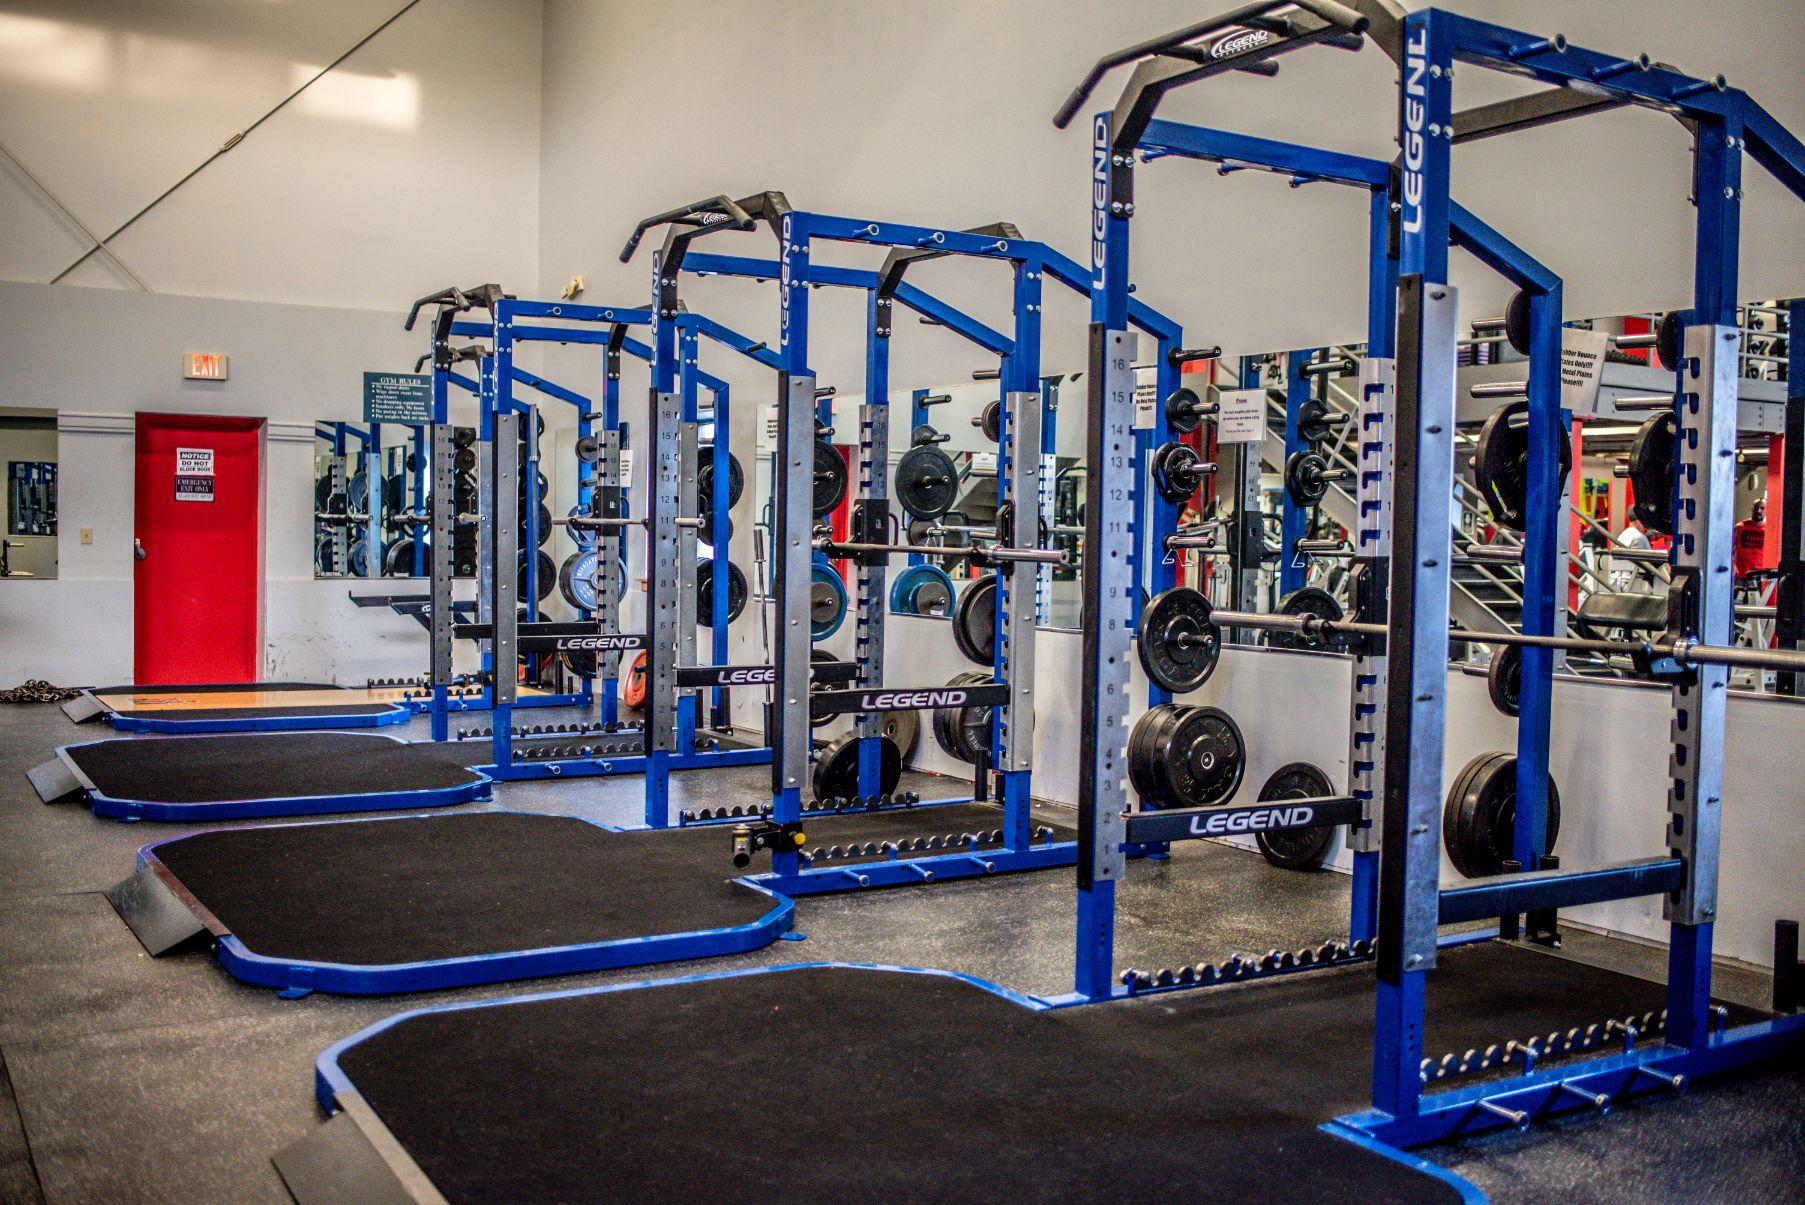 Healthplex Fitness Clifton Park NY Resistance Training